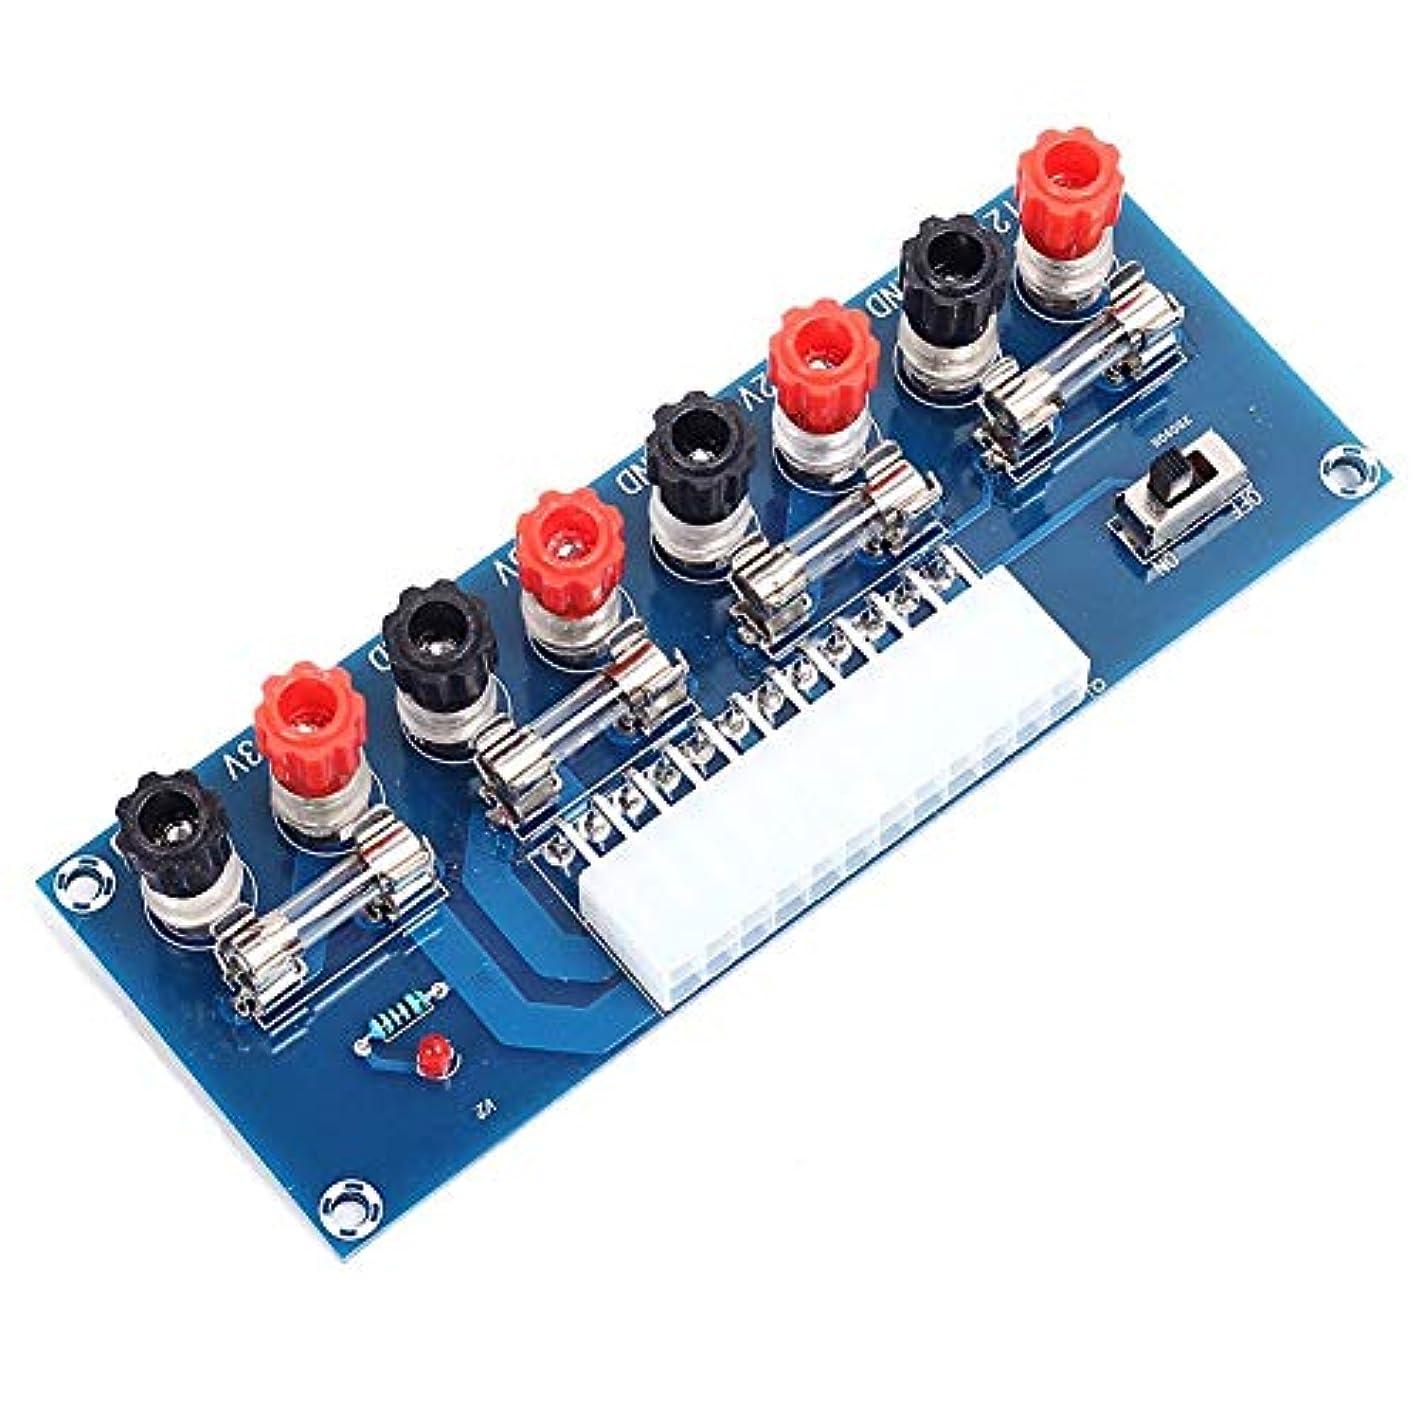 エキゾチックアソシエイト方向waves ATX 電源取り出し モジュール 電源検証ボード 電源出力端子付き